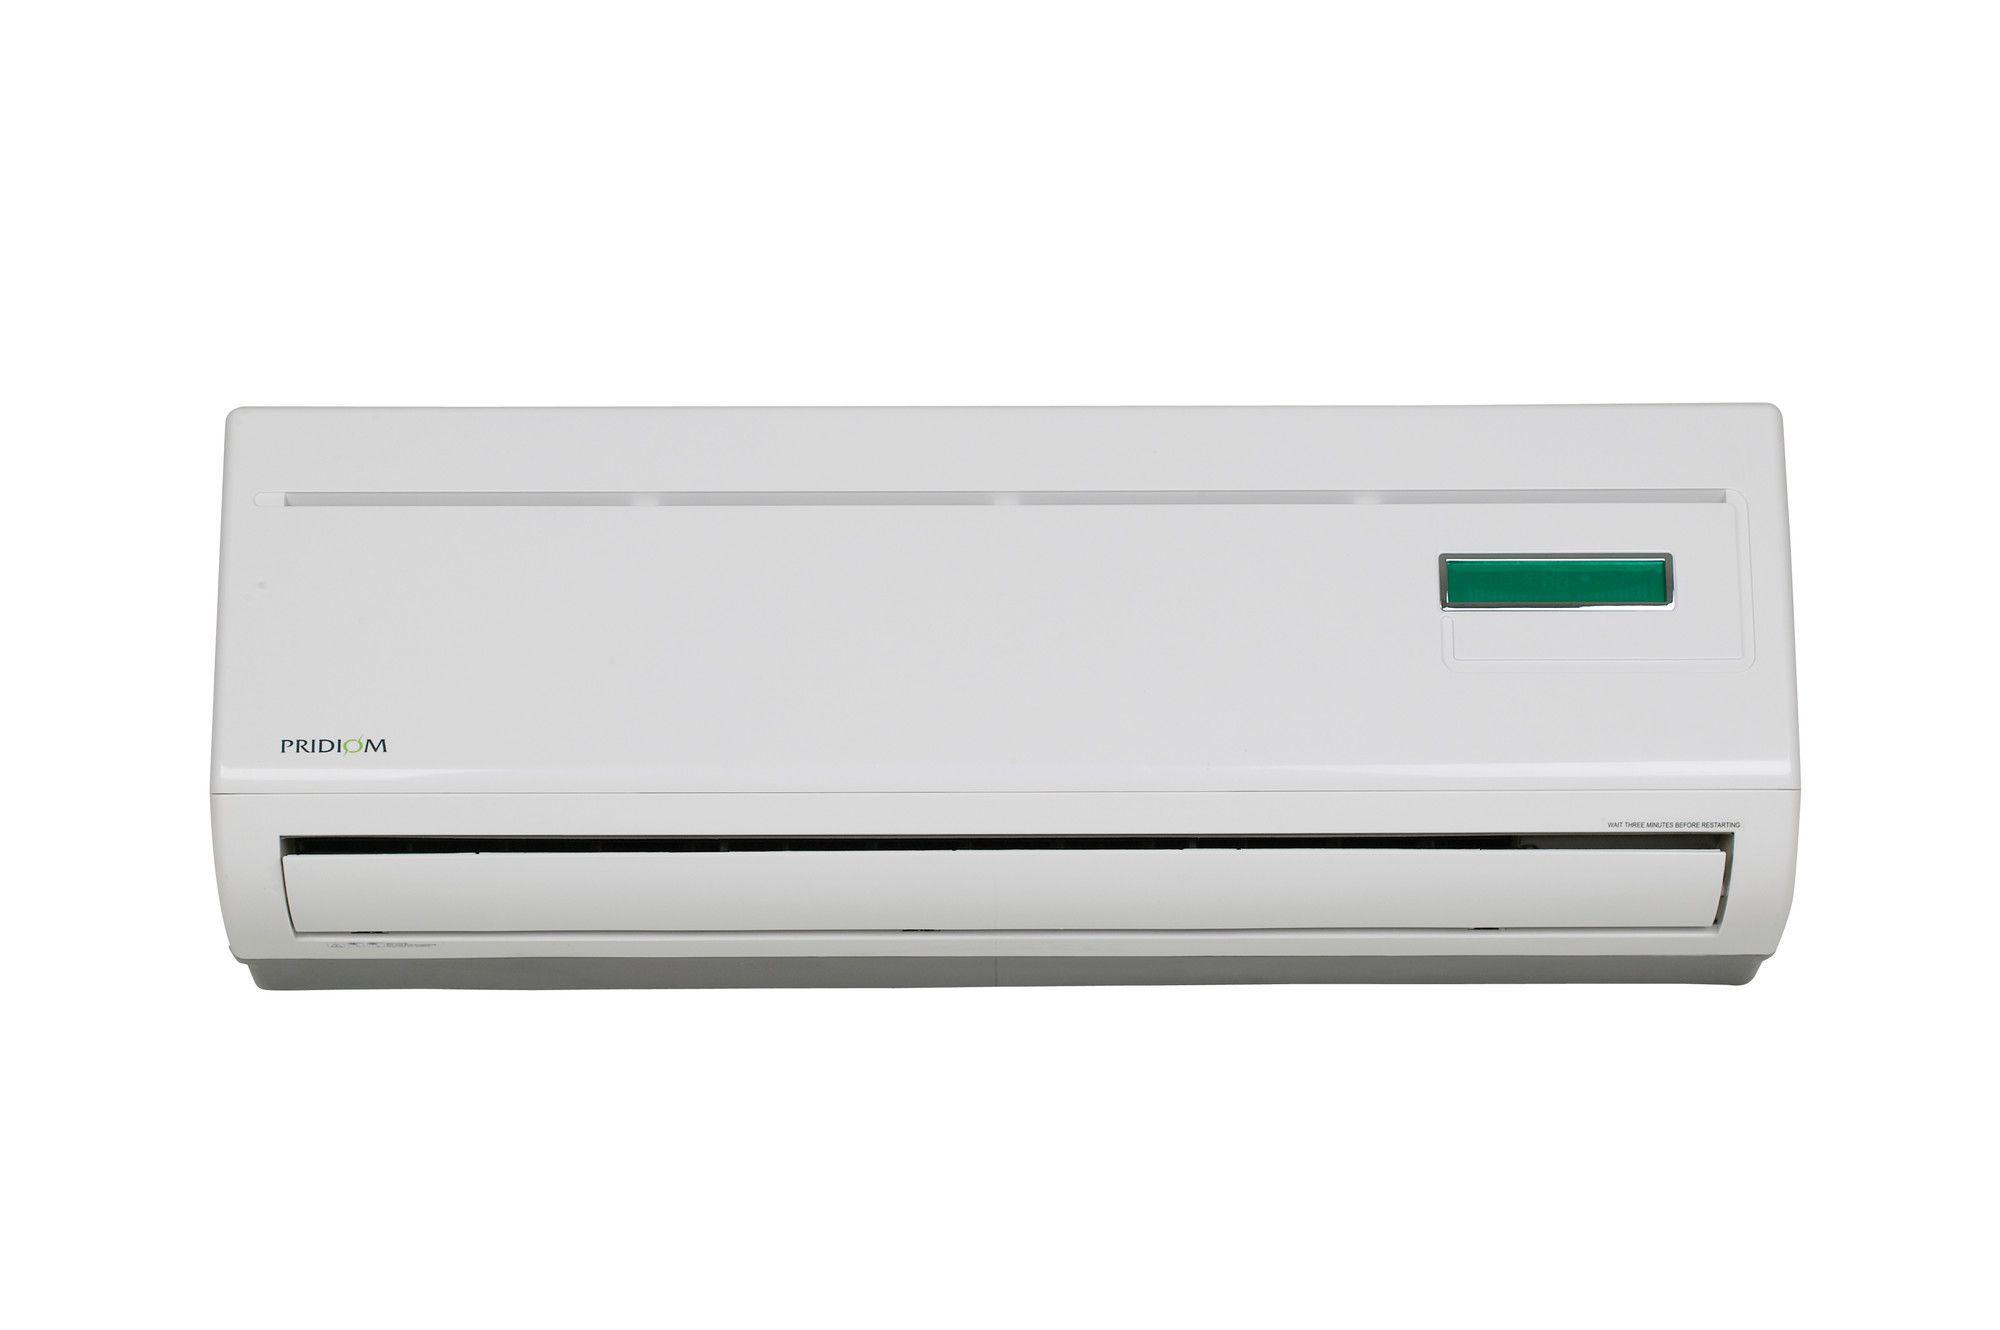 Single Zone Inverter 9000 Btu Energy Efficient Air Conditioner